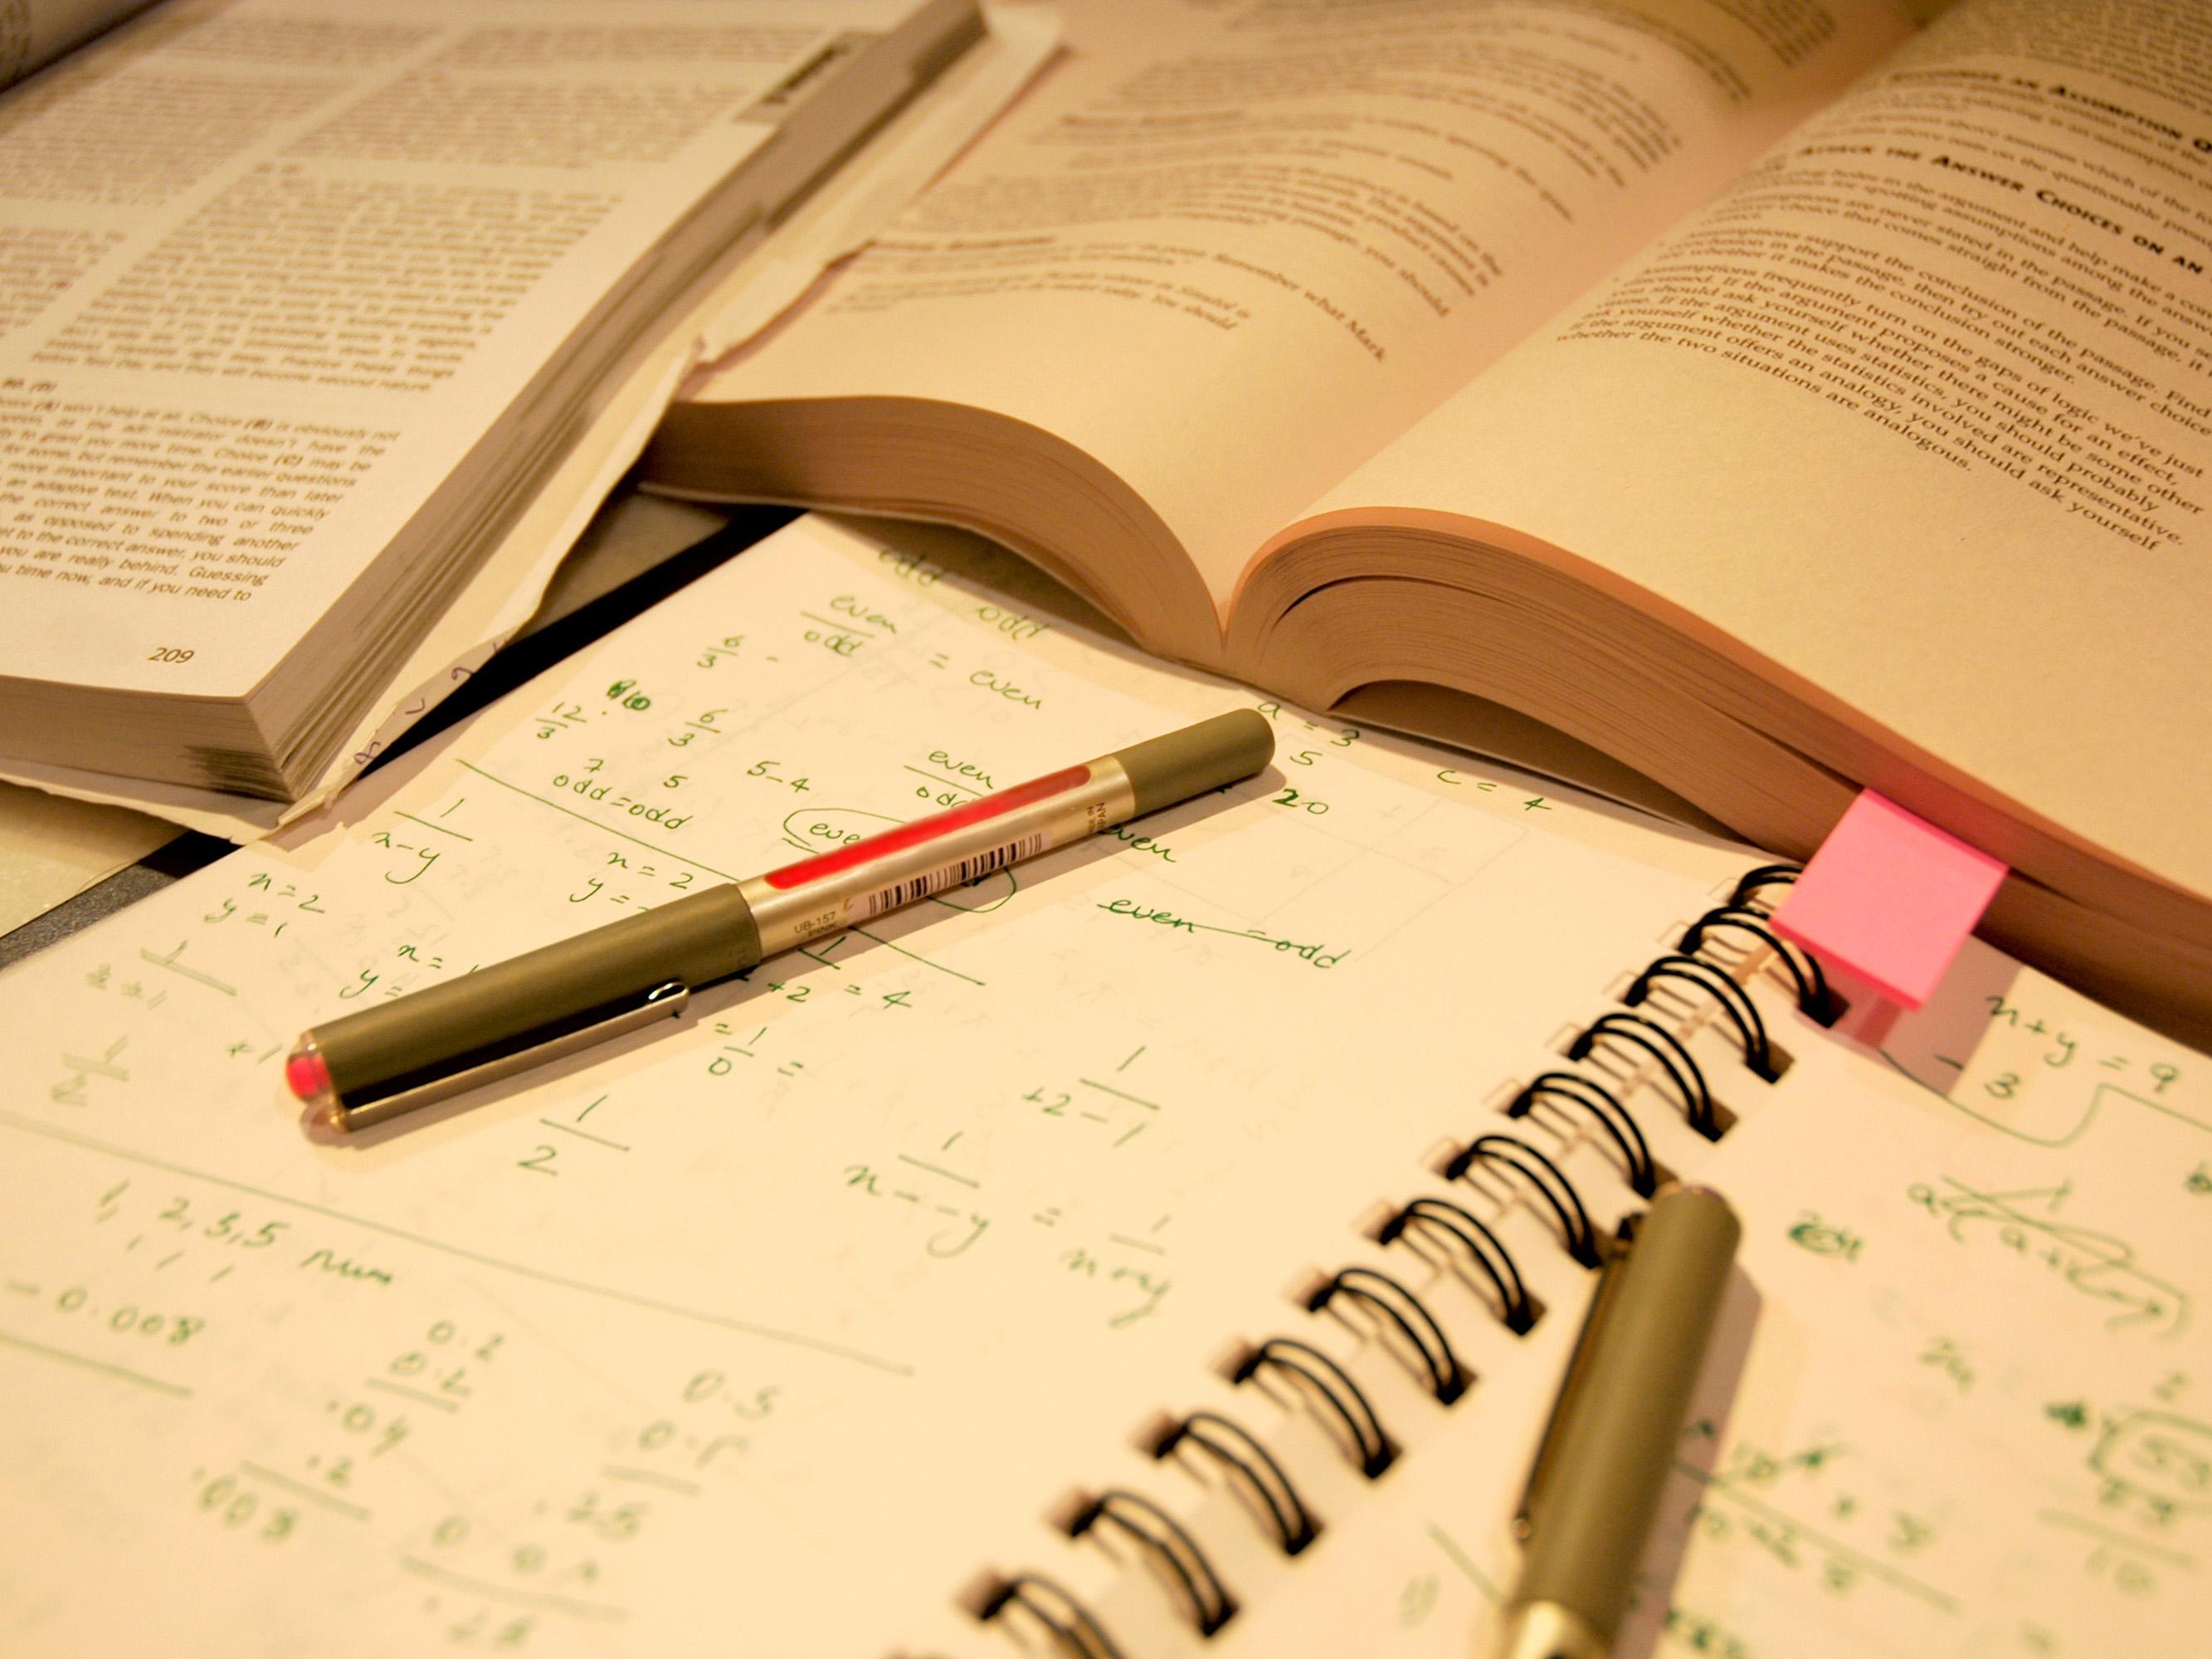 چرا باید درس هر روز را در همان روز بخوانیم